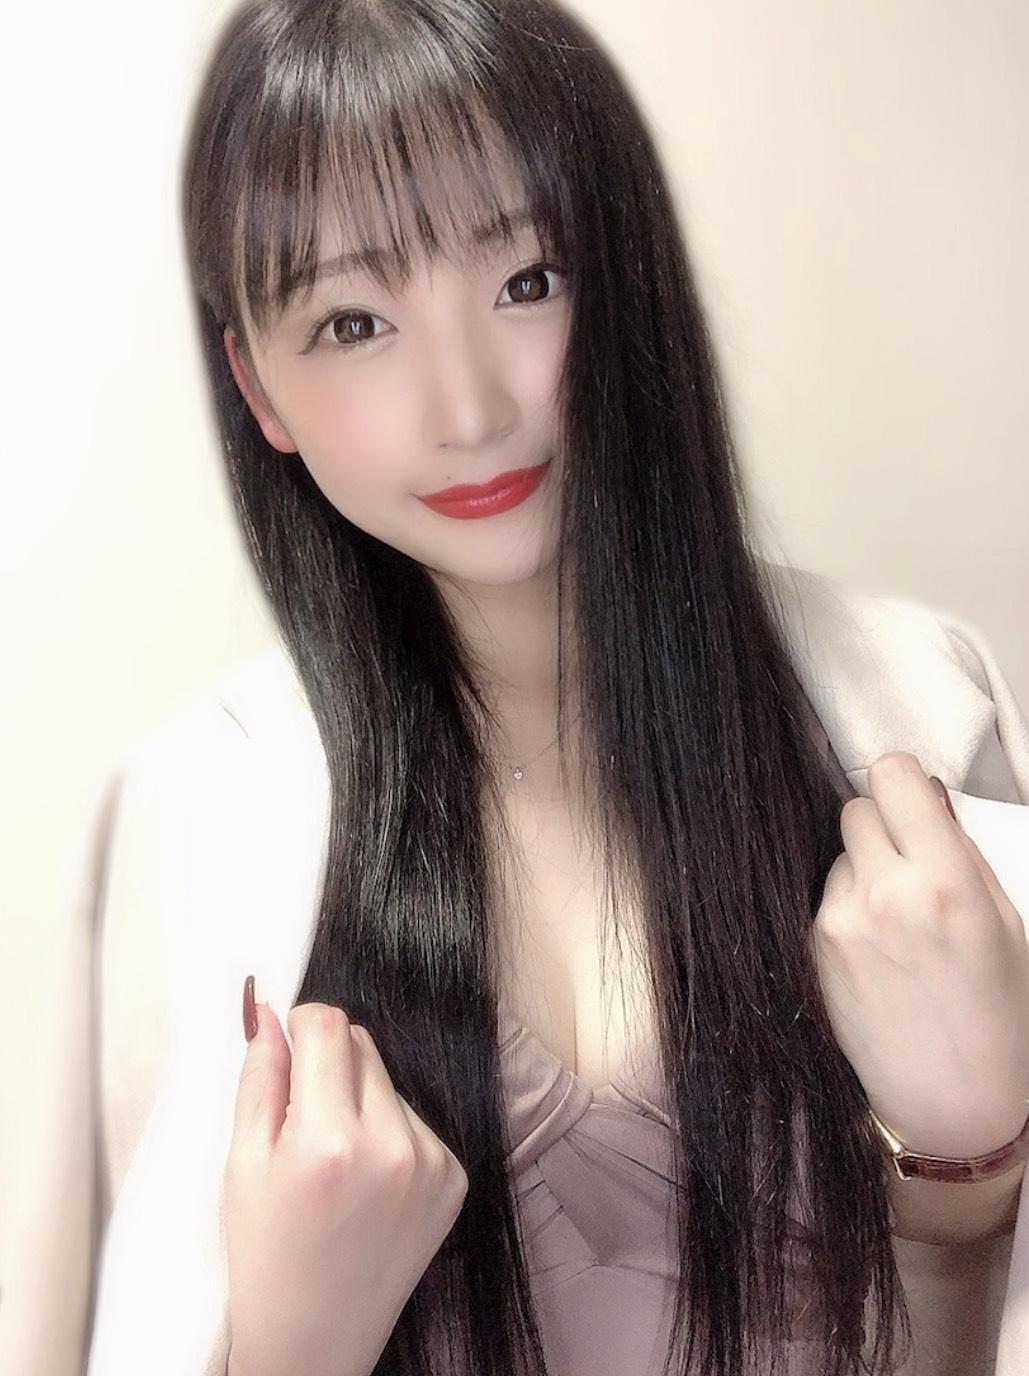 「気持ちよくなりませんか??」08/03(火) 01:32   りーちゃんの写メ日記